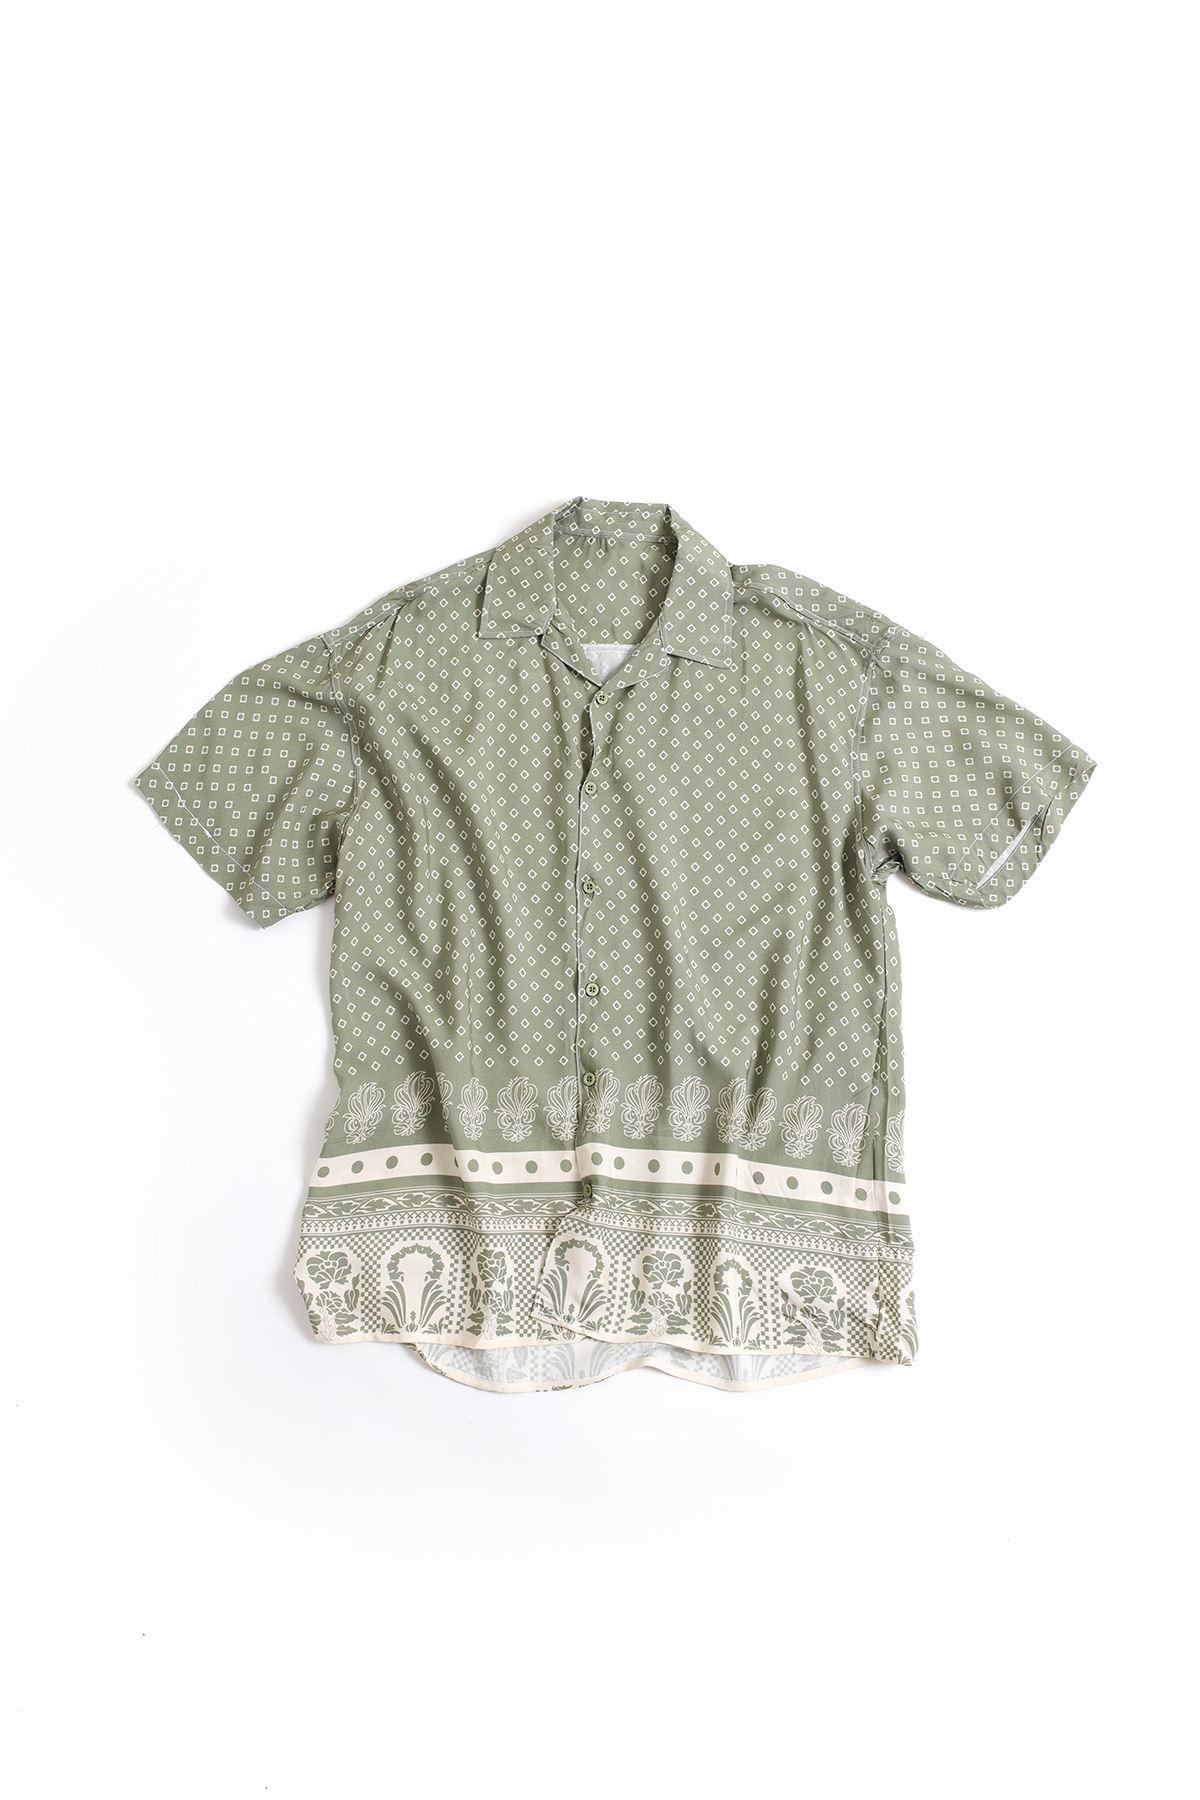 Yeşil Kare Desenli Transfer Baskılı Gömlek